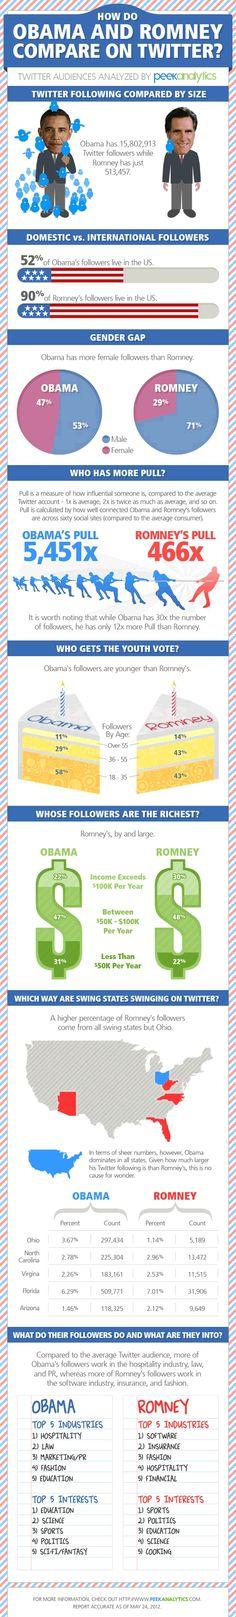 Análisis del perfil de los seguidores de ambos candidatos en Twitter.